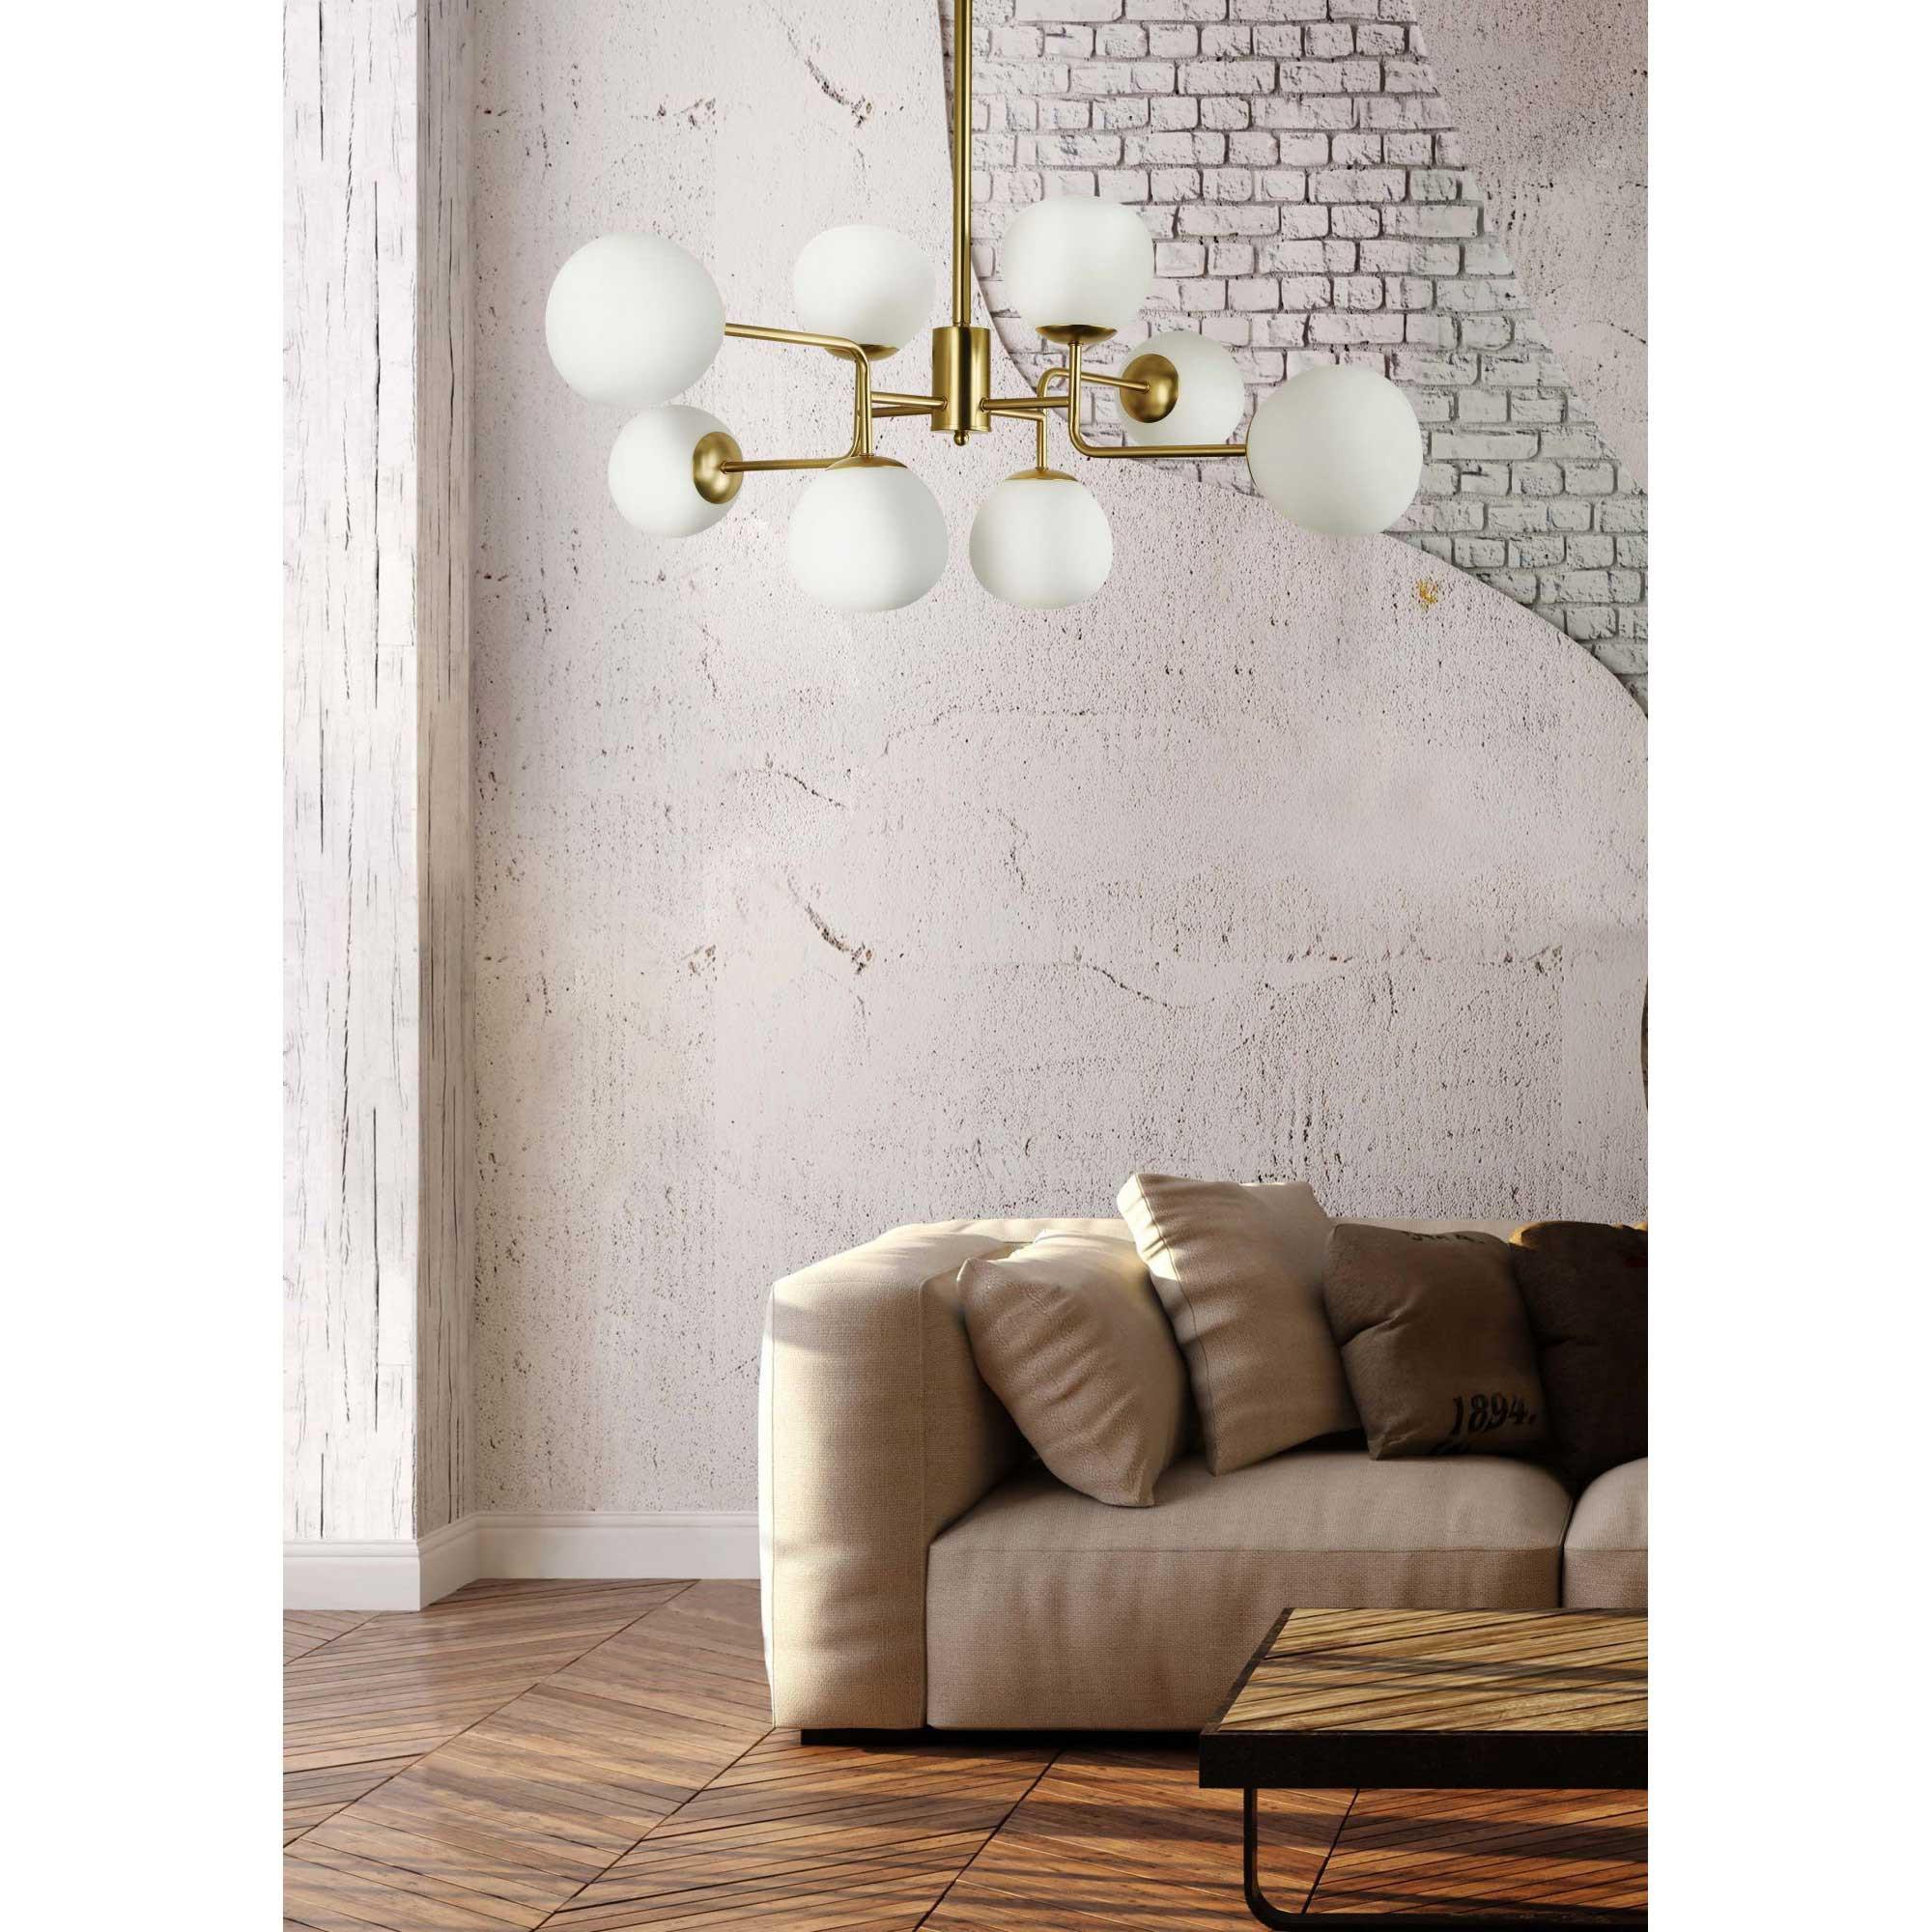 Lampadari Con Bottiglie Di Vetro maytoni lampadario moderno con diffusori in vetro e struttura in metallo  erich - 40w